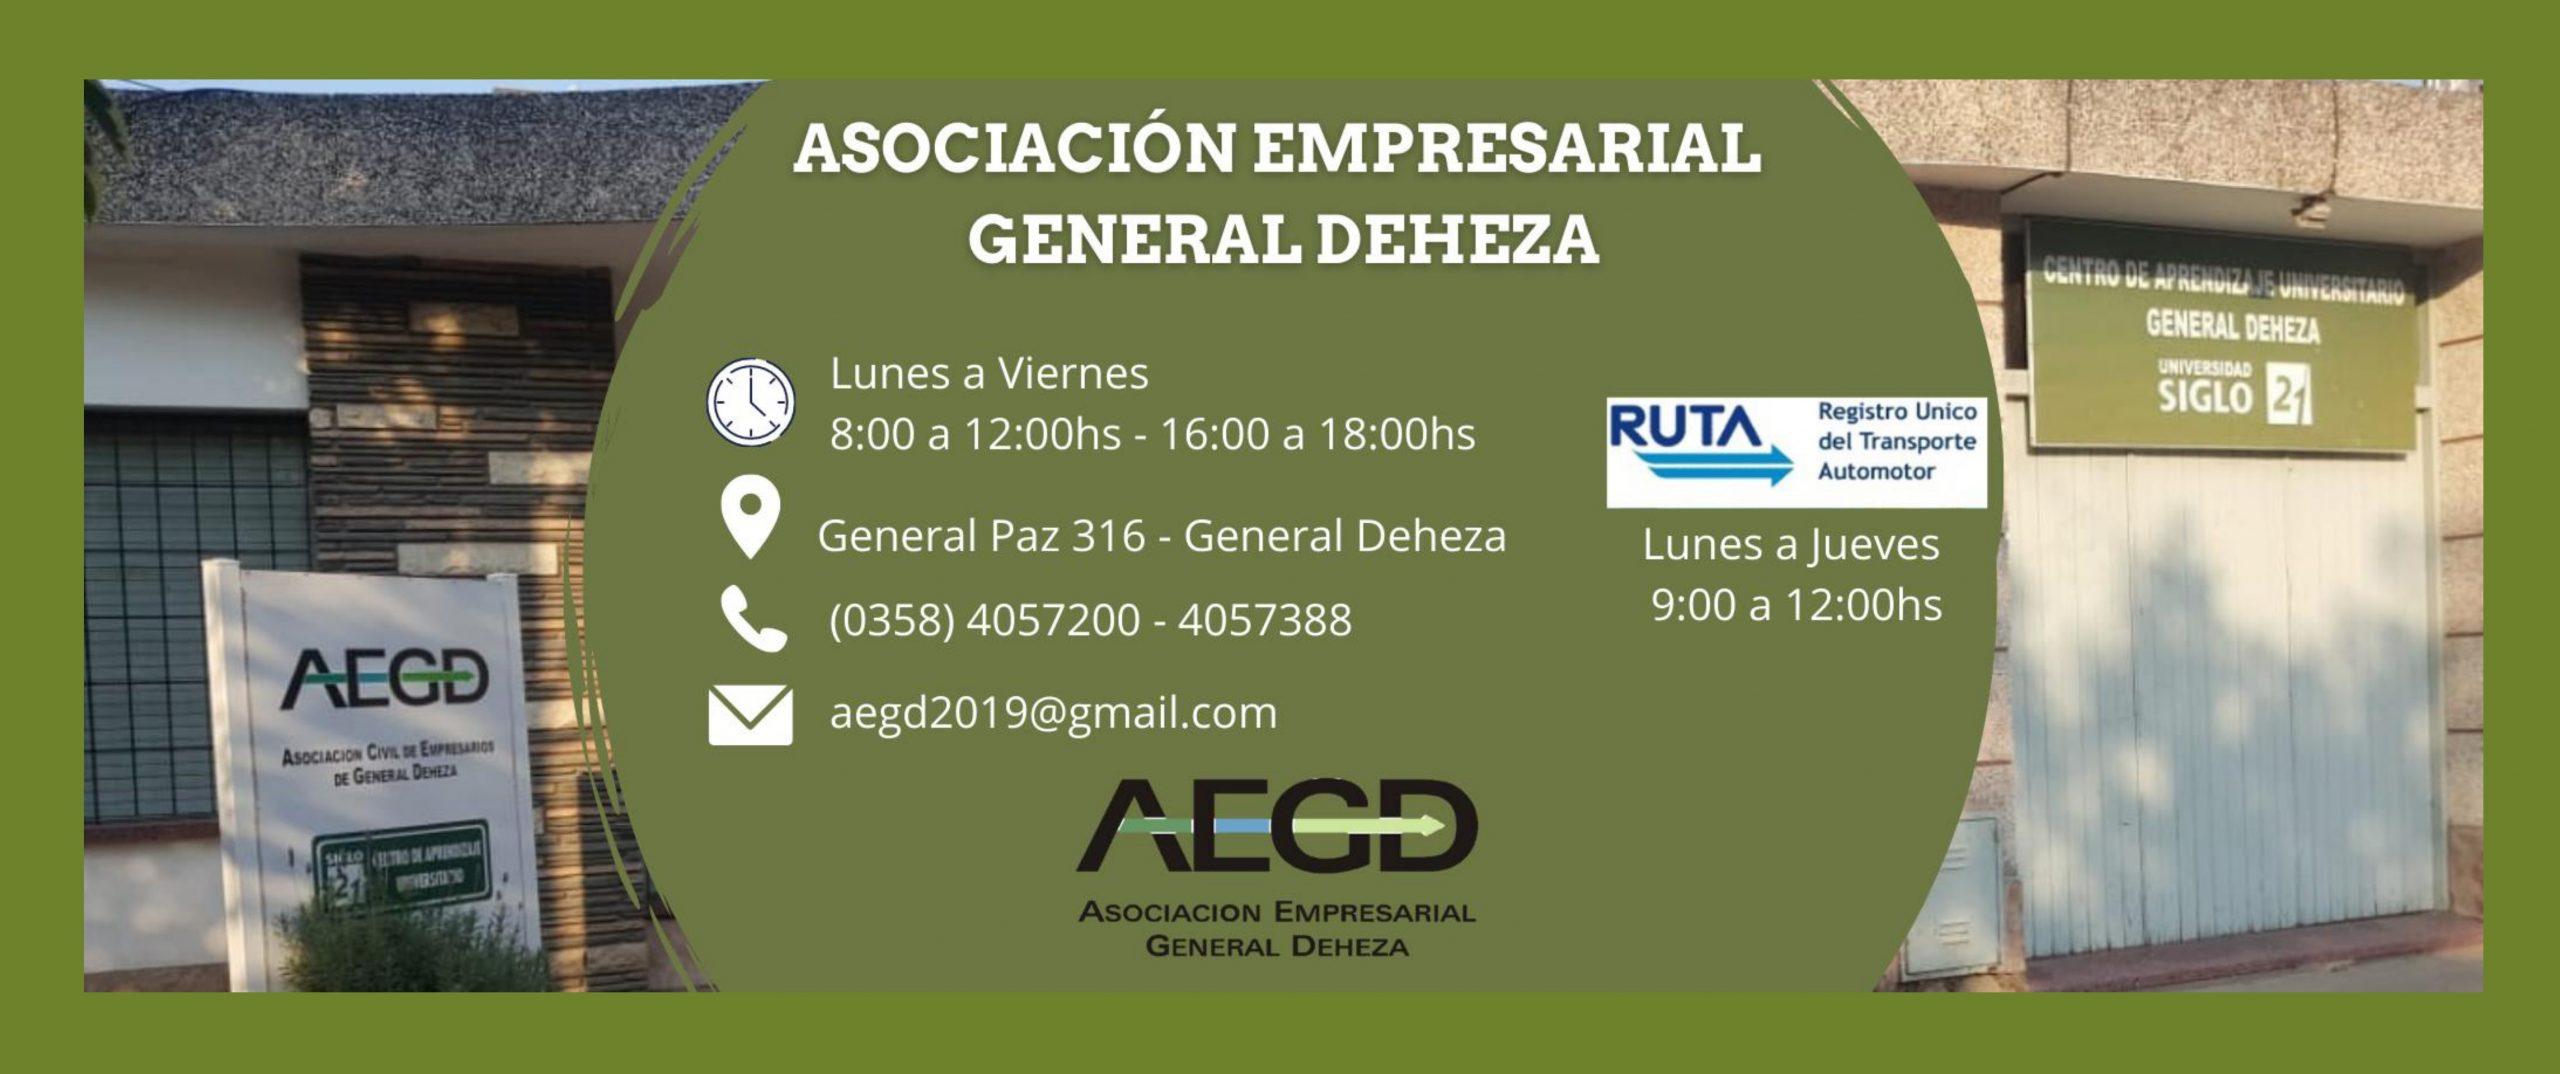 Asociación Empresarial General Deheza